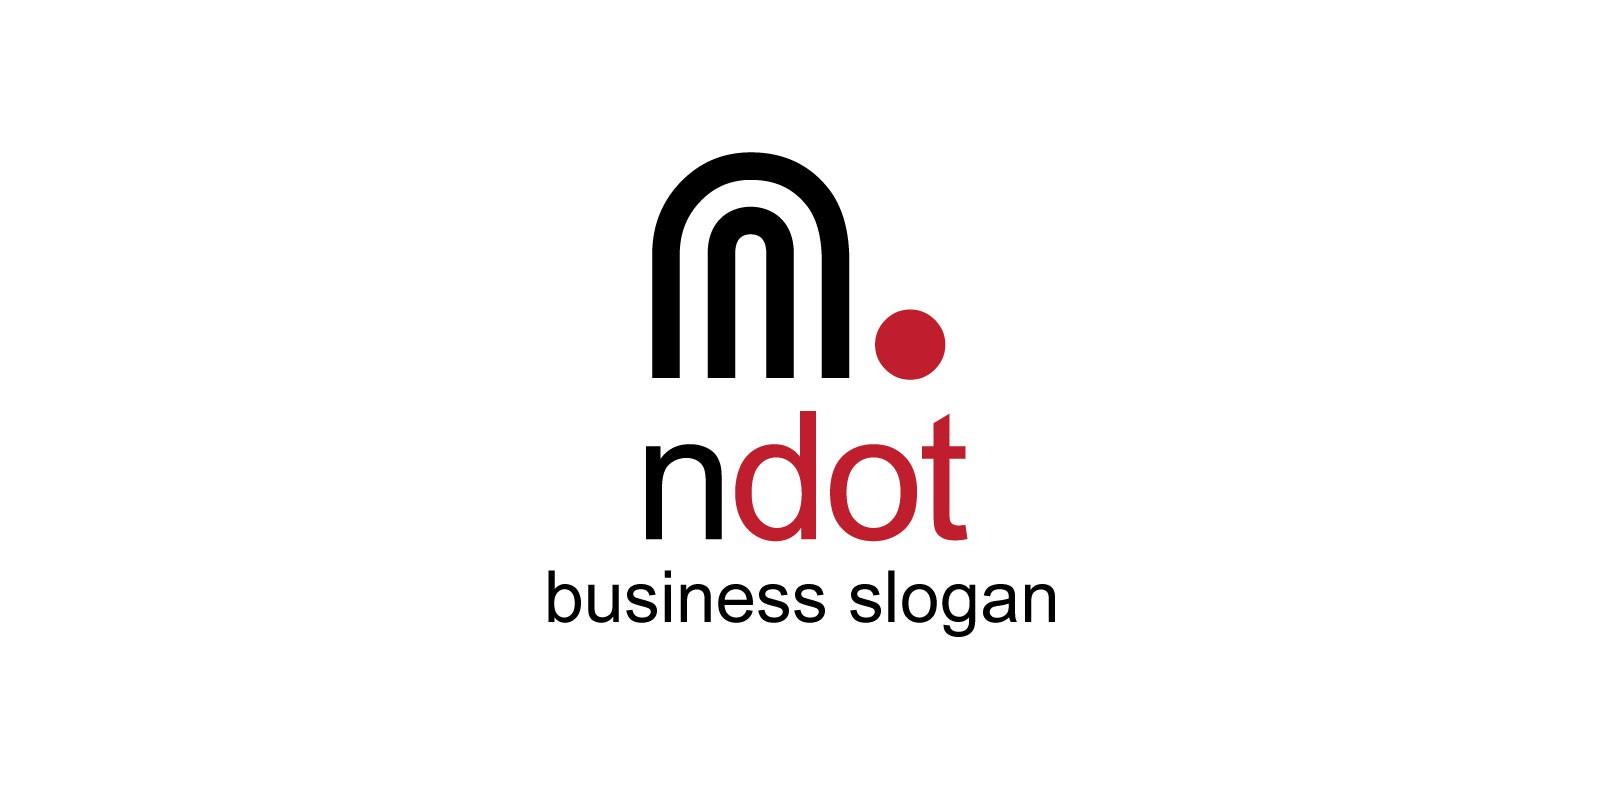 Ndot N Letter Logo